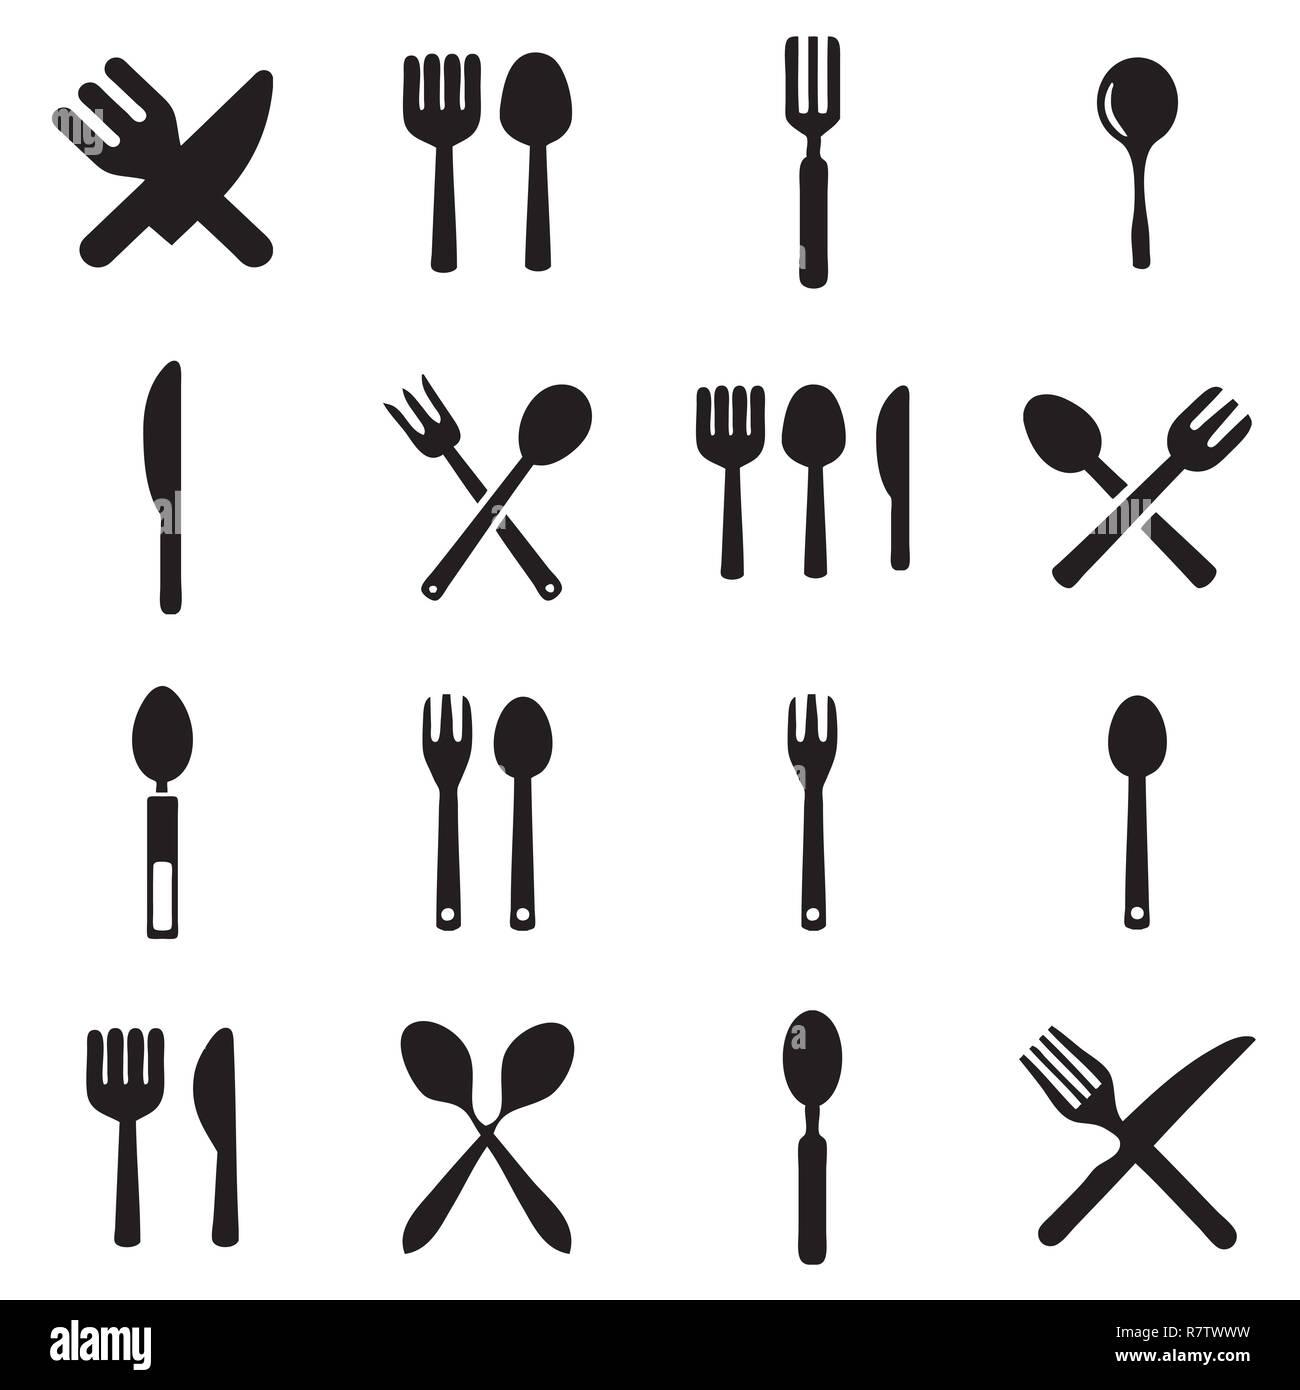 Küche Gabel und Löffel Symbol Vektoren Stockbild